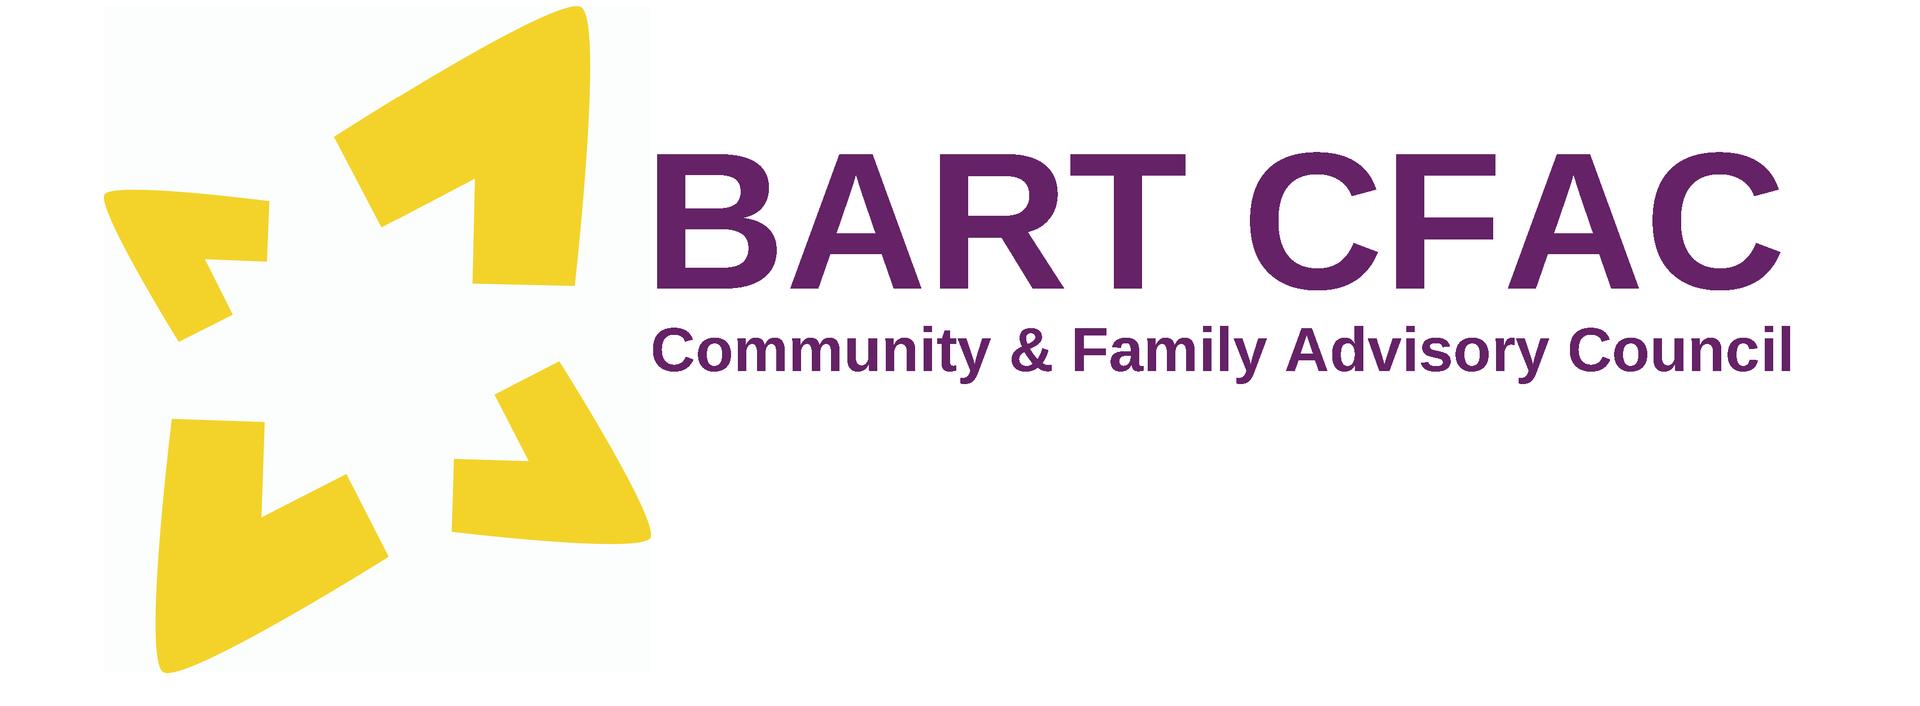 Community & Family Advisory Council (CFAC) logo